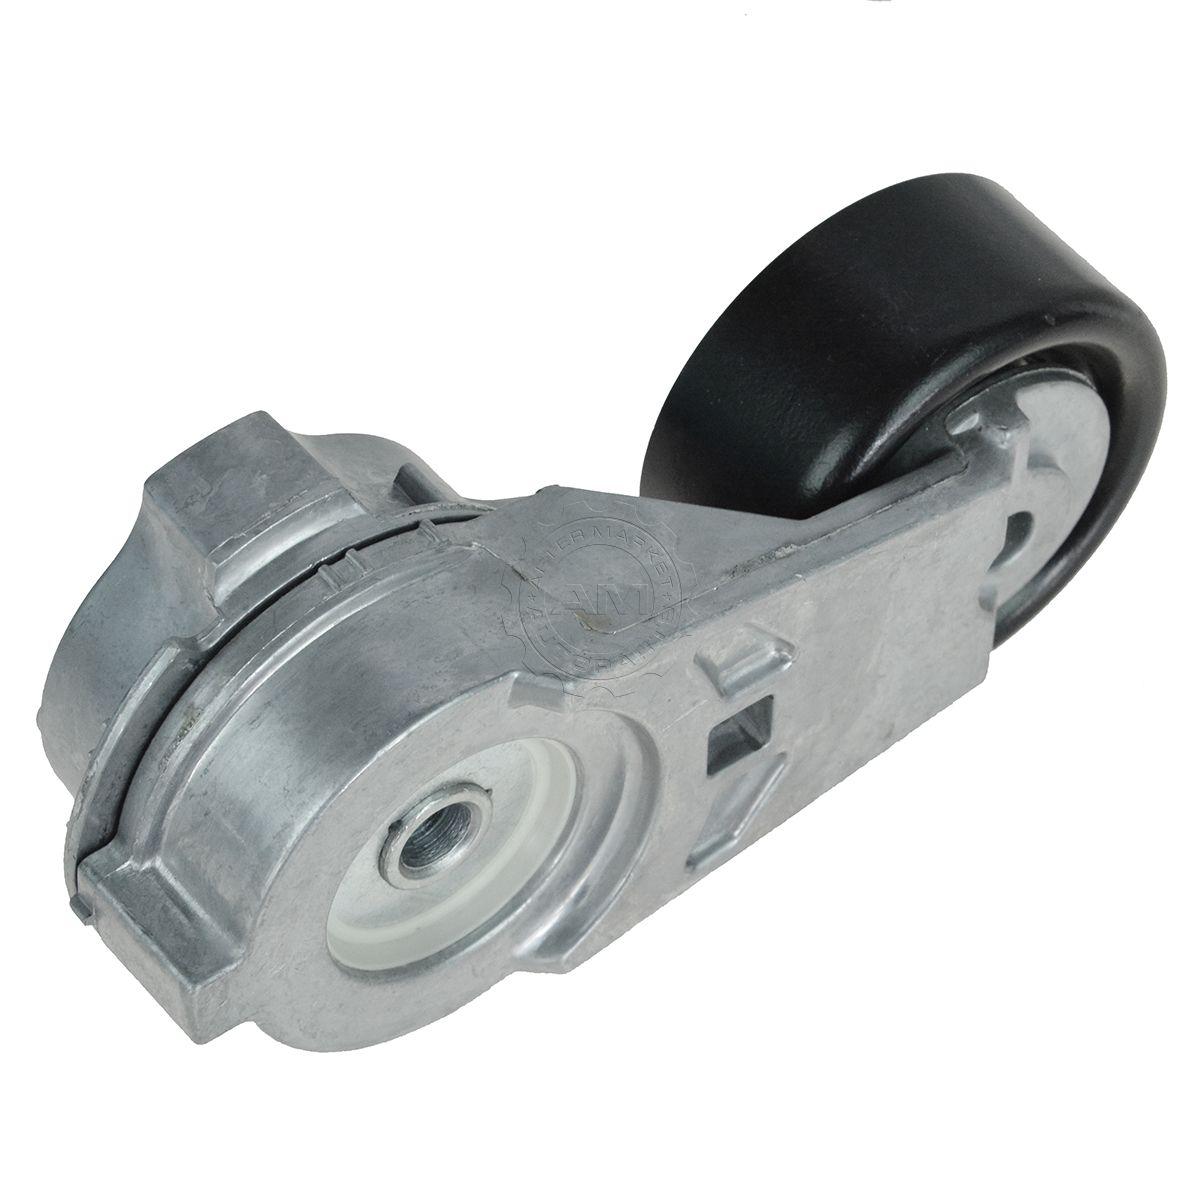 Locking Gas Cap for HUMMER H2 H3 H3T ISUZU ASCENDER I-280 I-290 I-350 I370 OUTL